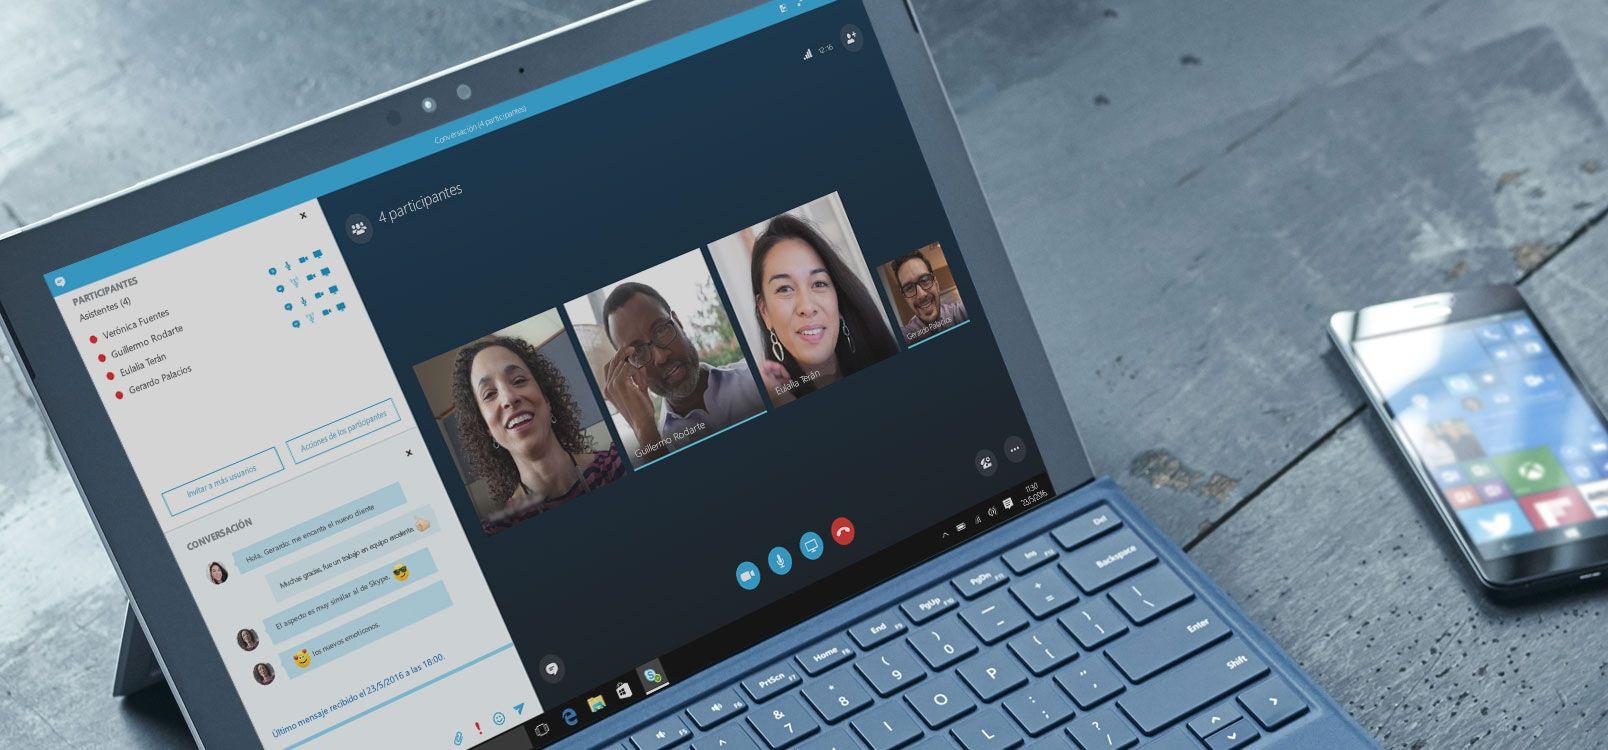 Una mujer usando Office 365 en una tableta y un smartphone para colaborar en documentos.